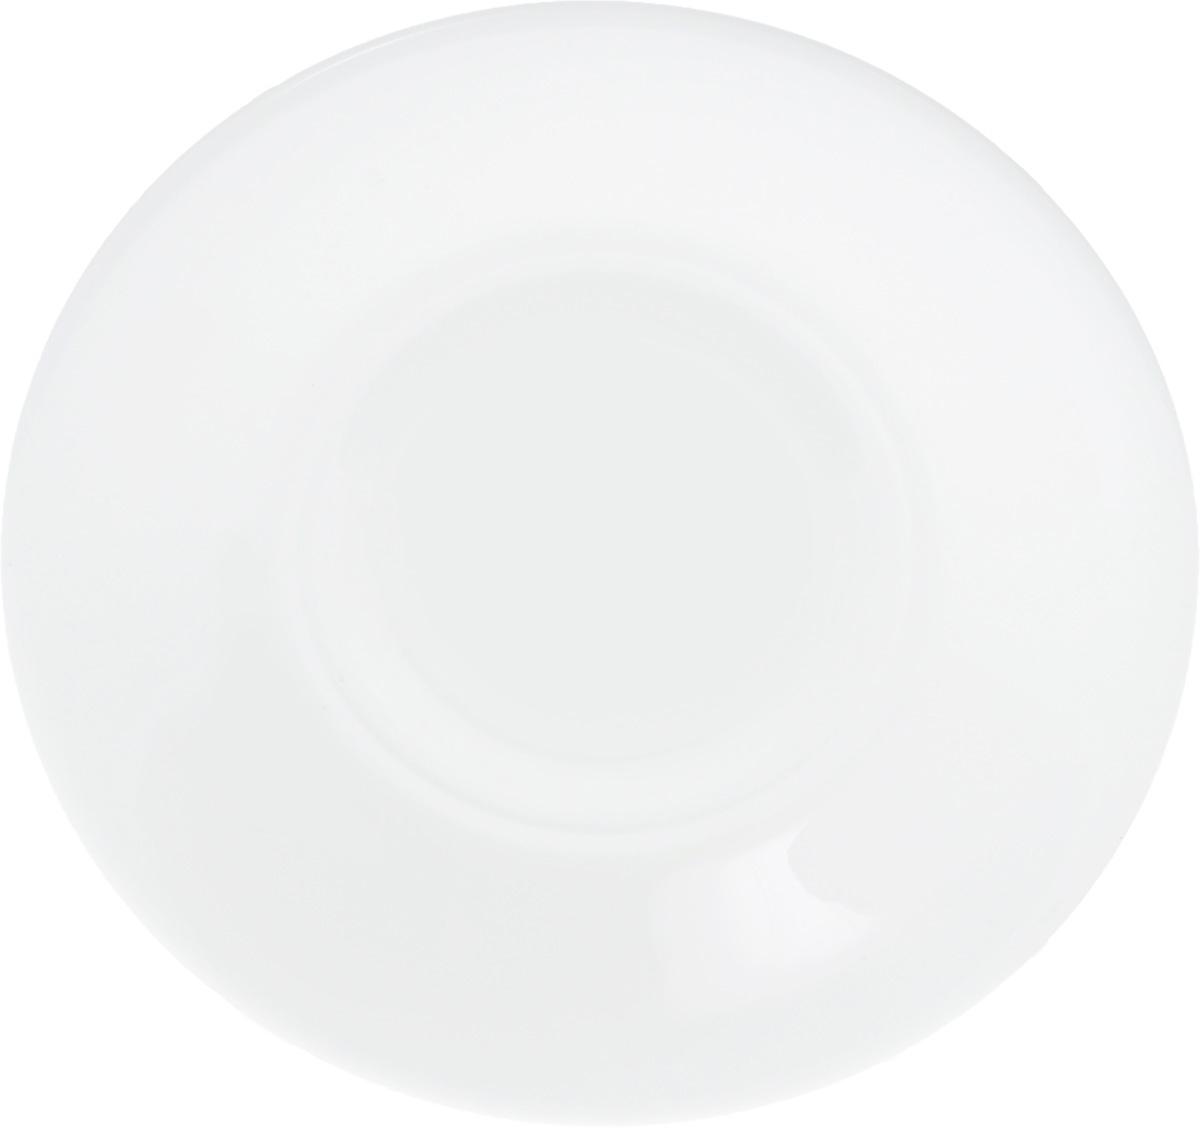 Блюдце Wilmax, диаметр 14 см115510Блюдце Wilmax, изготовленное из высококачественного фарфора, имеет классическую круглую форму. Оригинальный дизайн придется по вкусу и ценителям классики, и тем, кто предпочитает утонченность и изысканность. Блюдце Wilmax идеально подойдет для сервировки стола и станет отличным подарком к любому празднику.